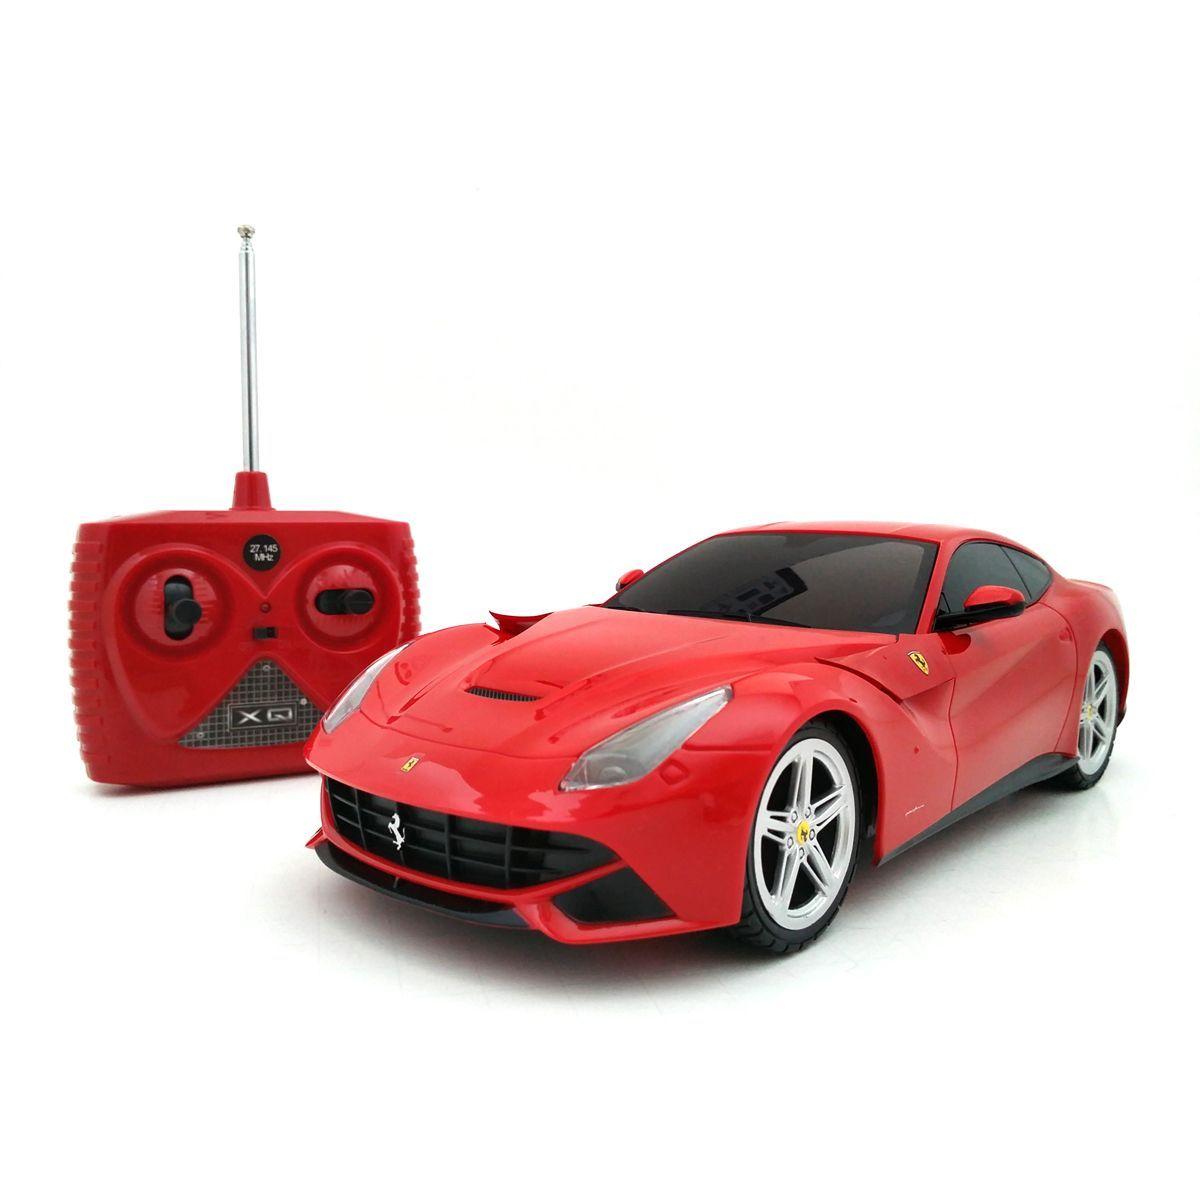 Memilih Jenis Mainan Mobil-mobilan Anak Berdasarkan Usia - Tips Memilih Mainan Mobil-mobilan untuk Bayi dan Anak